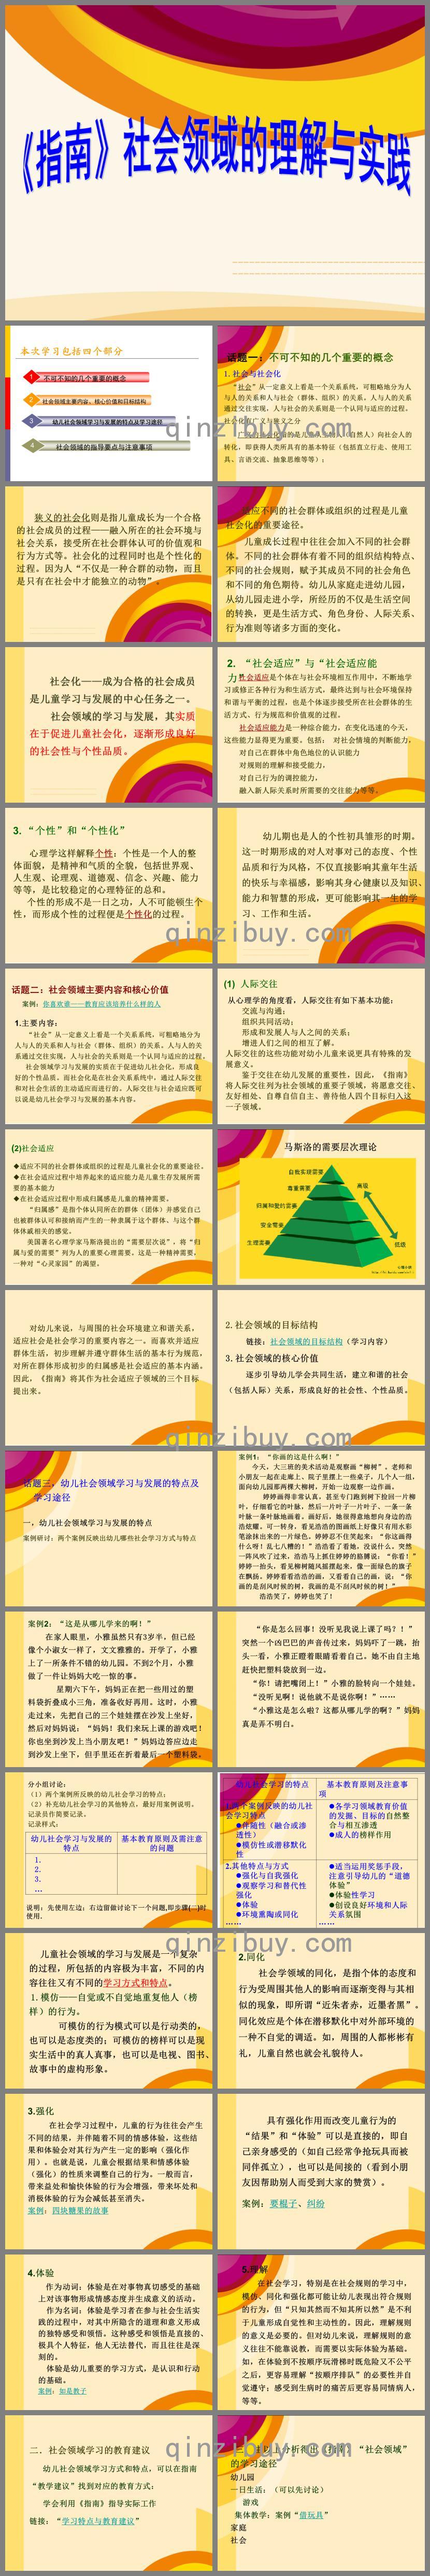 幼儿园指南社会领域的理解与实践PPT课件